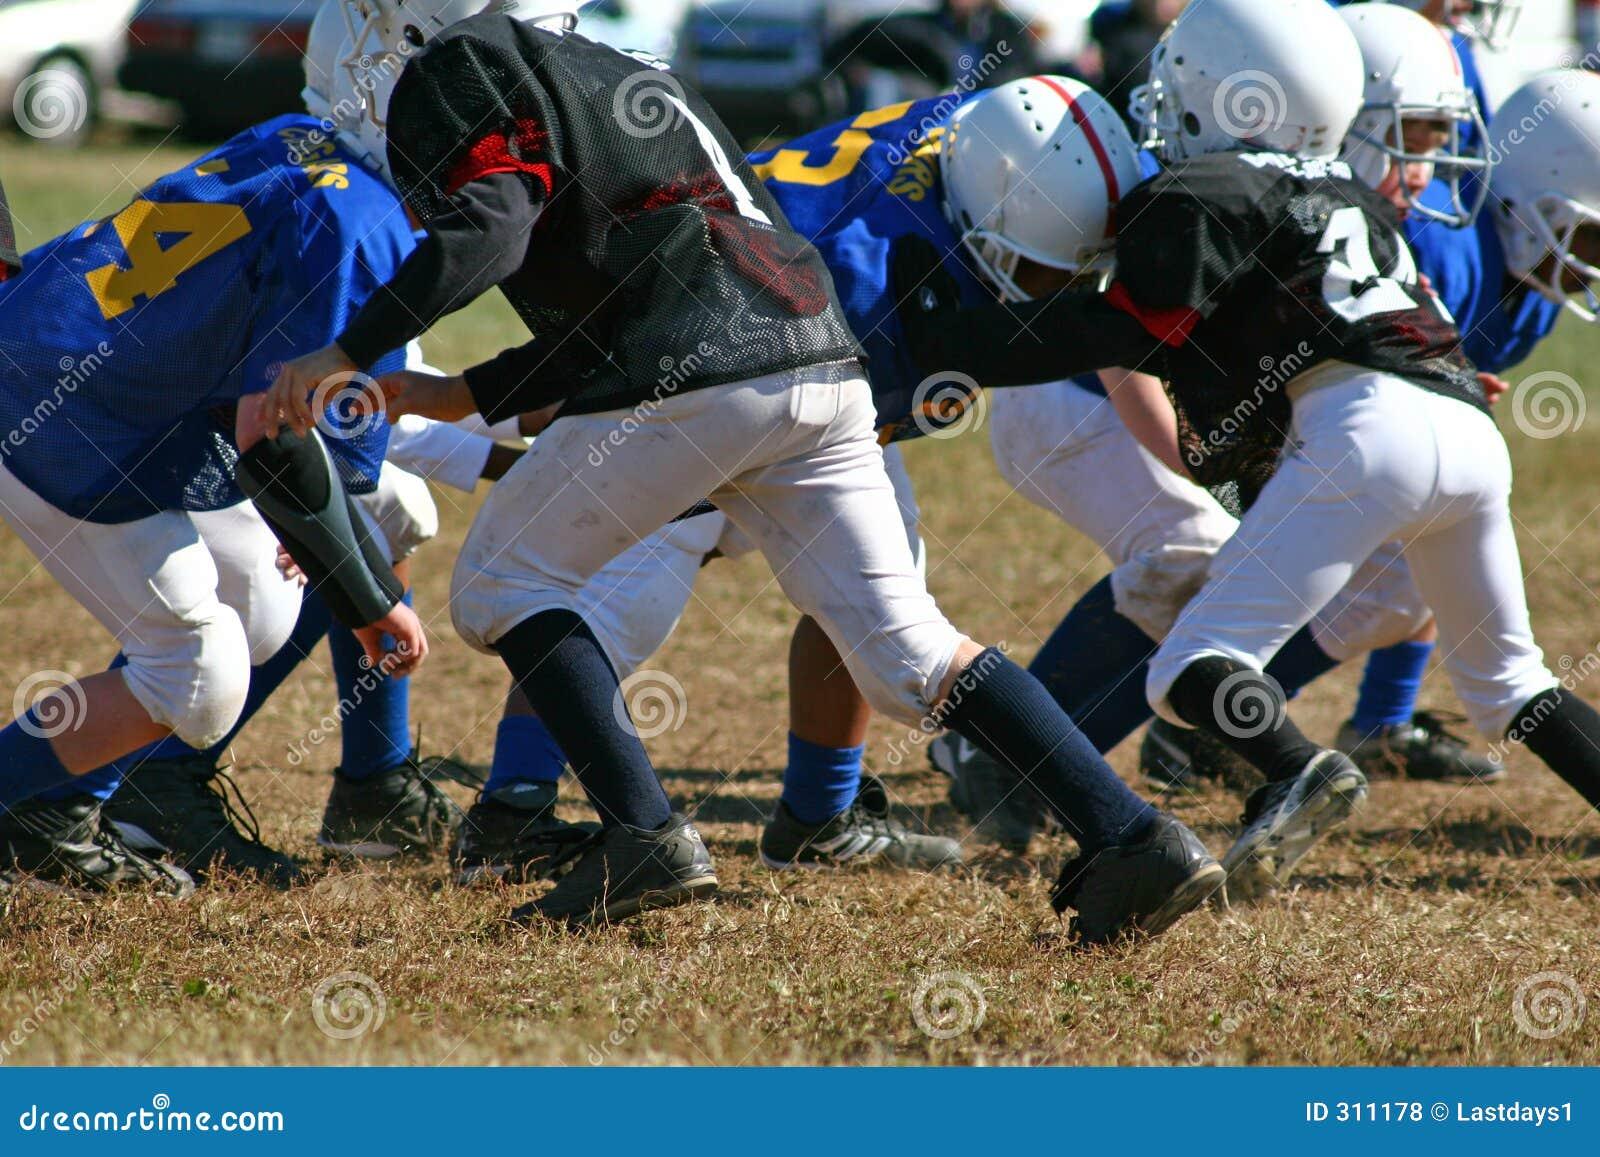 Futbol pee wee